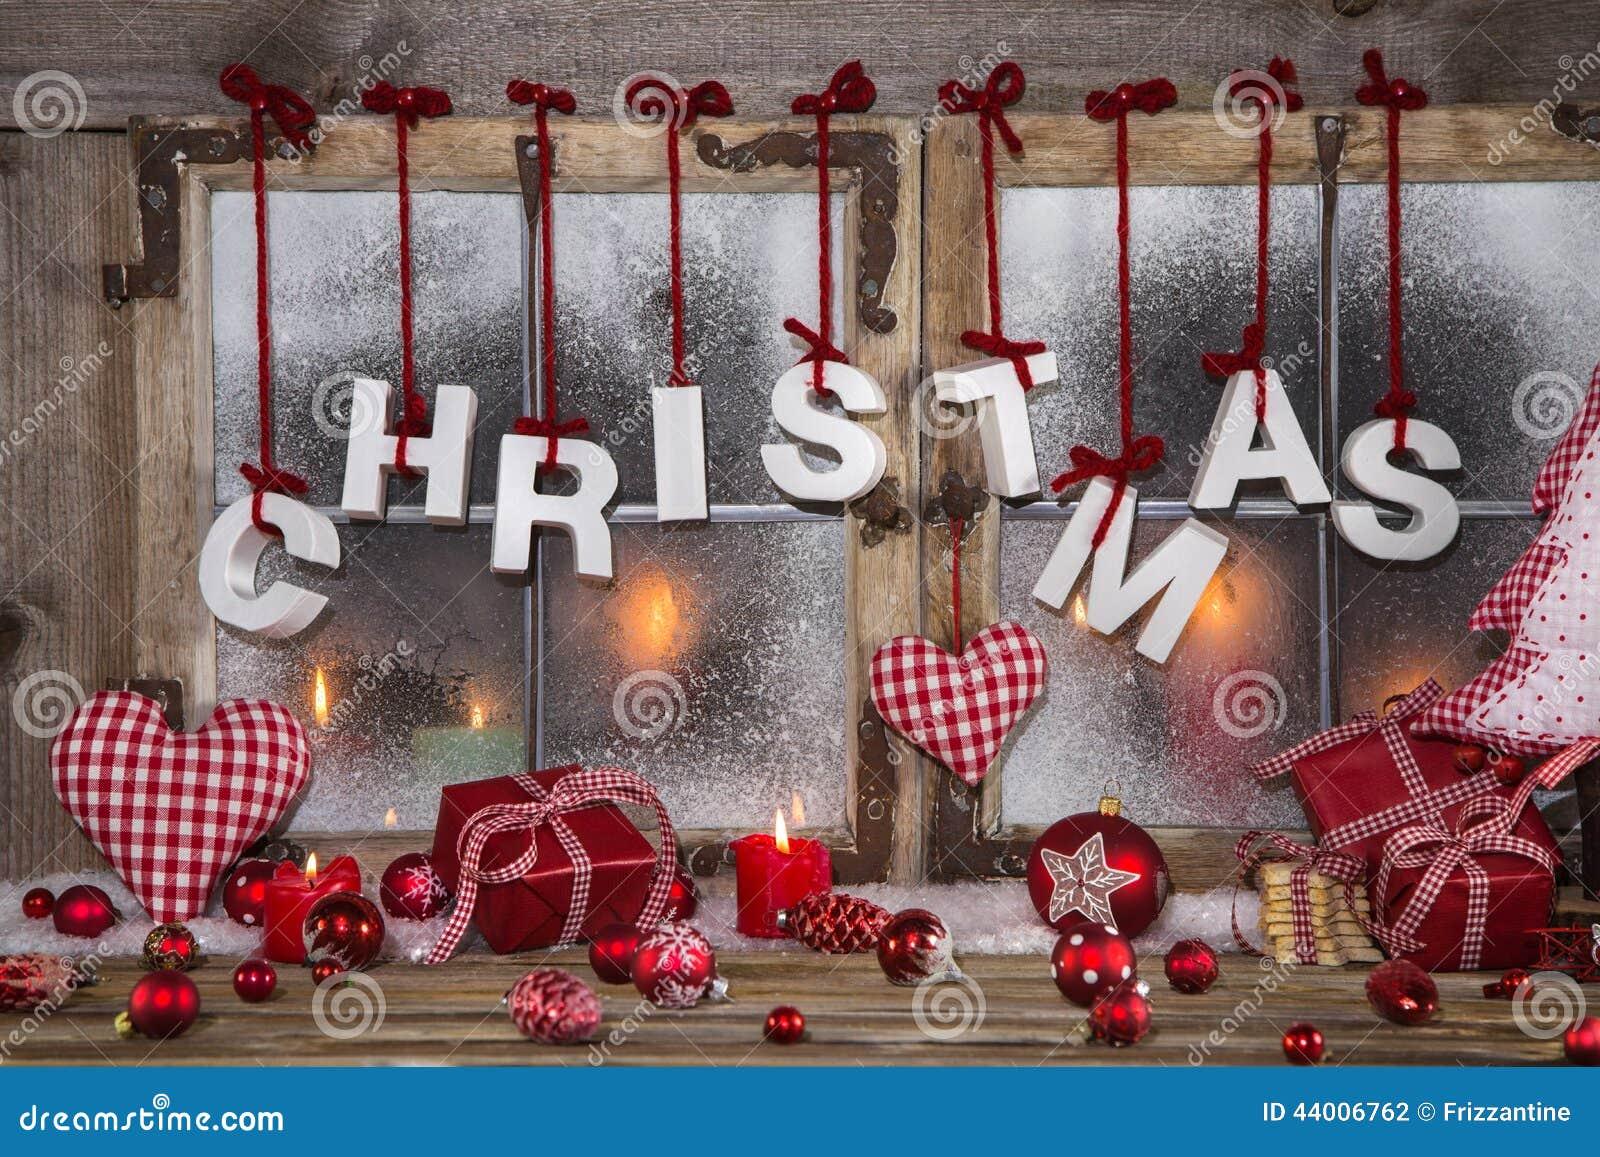 Decoration Noel Exterieur Forum